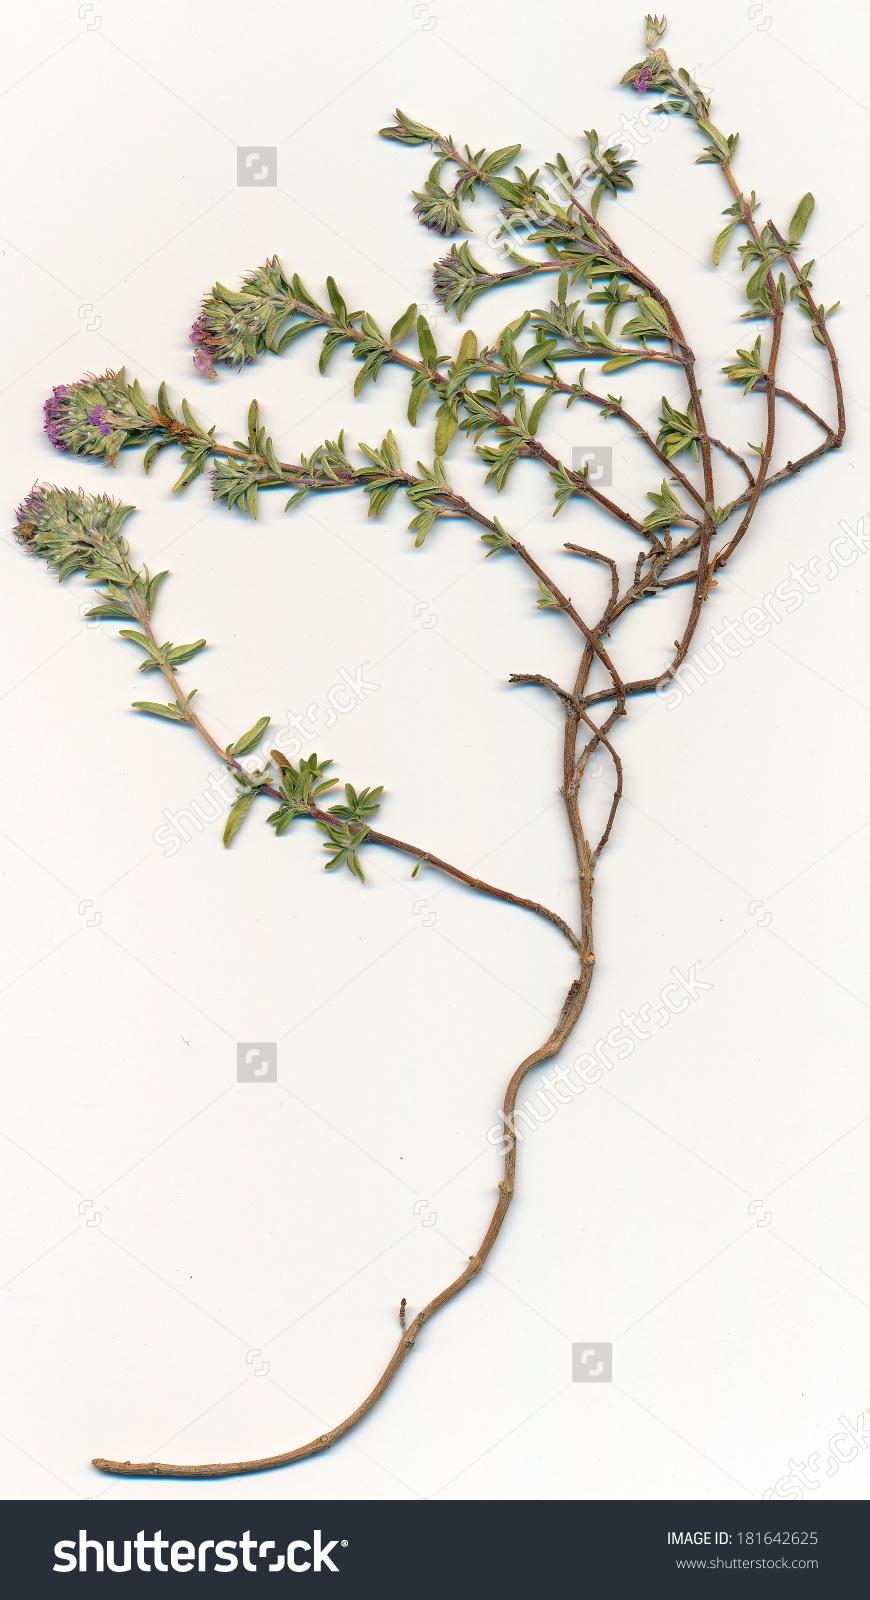 Breckland Thyme Thymus Serpyllum Flowers Herbarium Stock Photo.